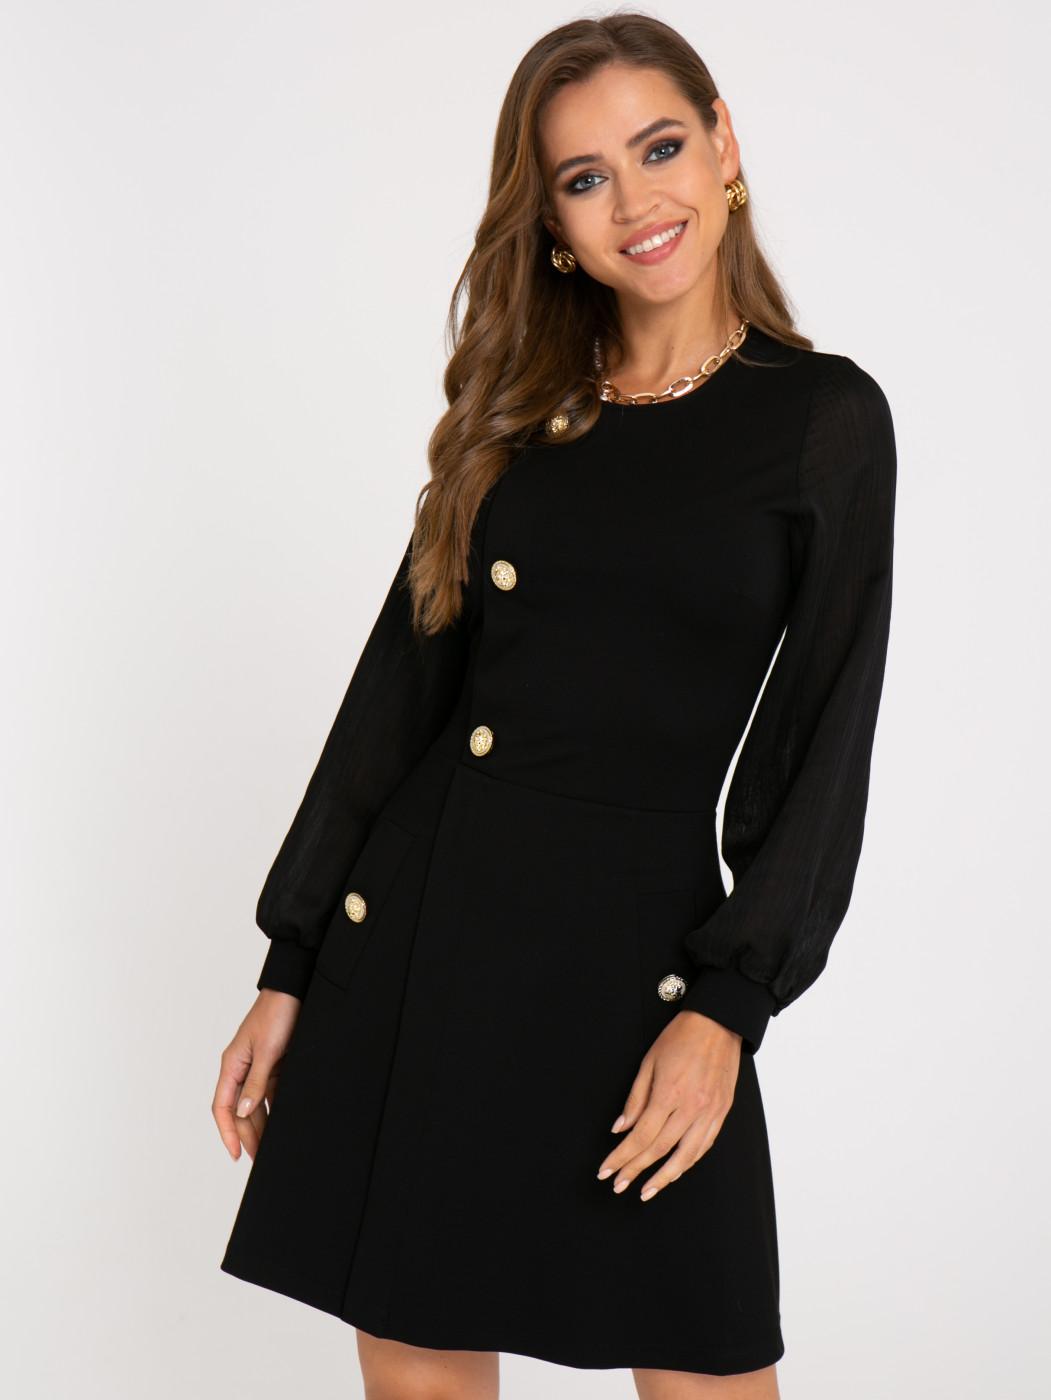 Платье А413 цвет: черный